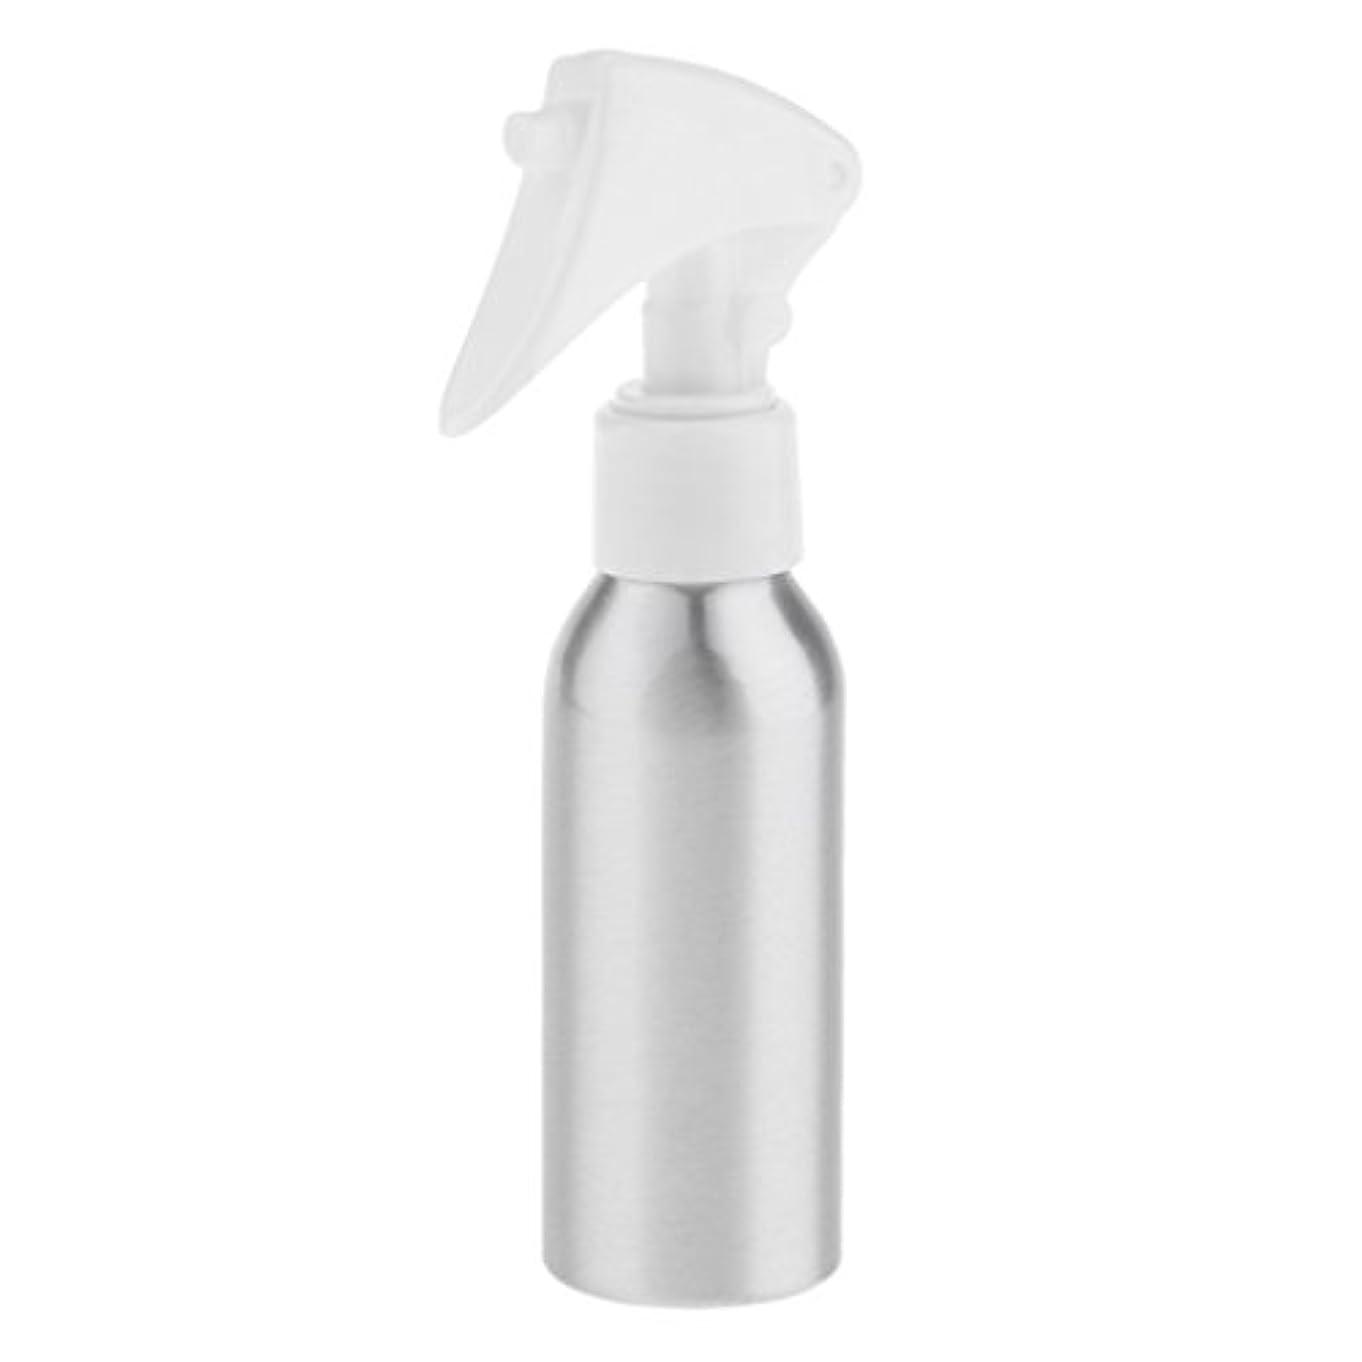 スプレーボトル - 空の詰め替え式の容器は精油、クリーニング製品、自家製の洗剤、アロマテラピー、水とミストプラント、そしてクリーニング用の酢の混合物に最適 - 120ML